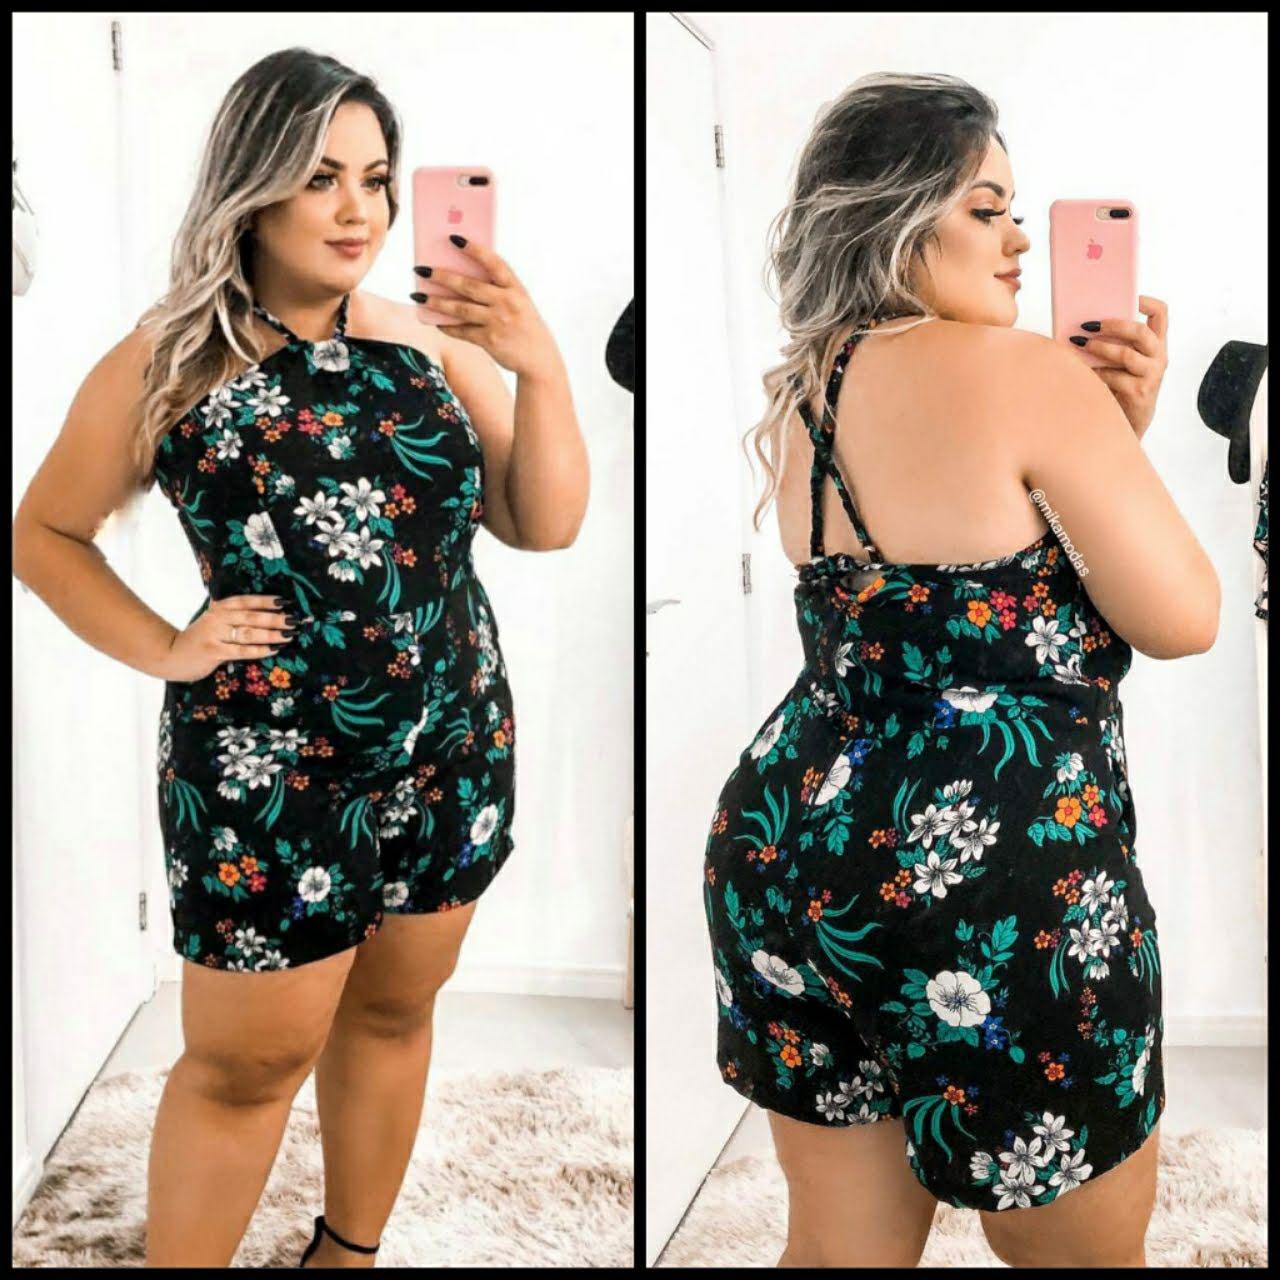 960431806 Macaquinho Feminino GG Lindo Moda Roupas Femininas - Bellucy Modas